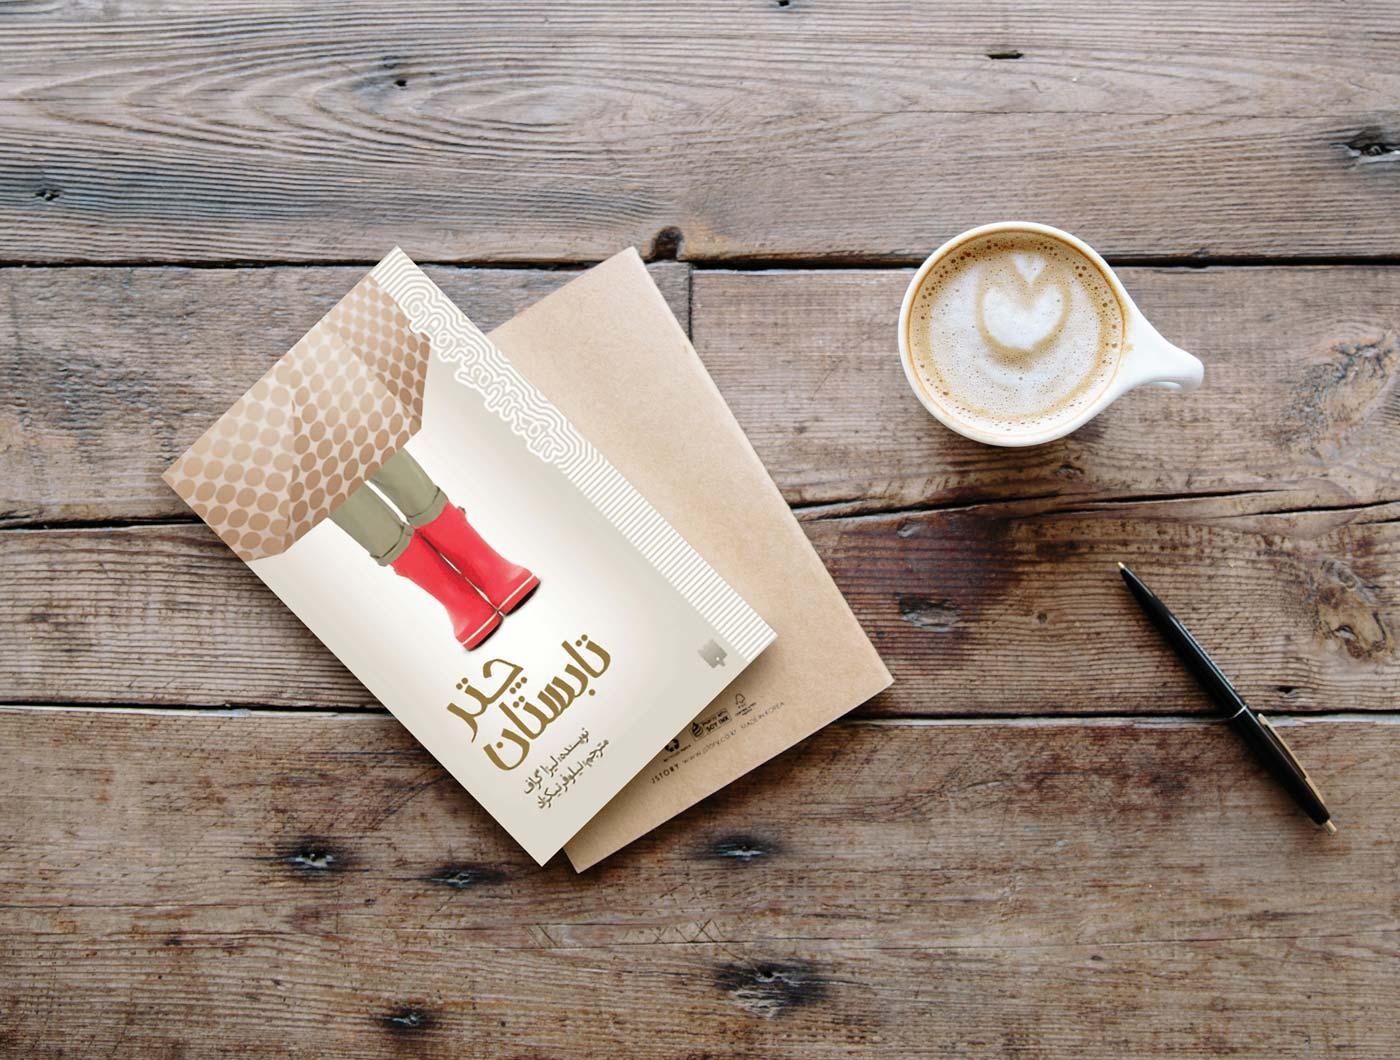 کتاب چتر تابستان لیزا گراف؛ معرفی کتاب و نقد خوانندگان   کاغذ رنگی